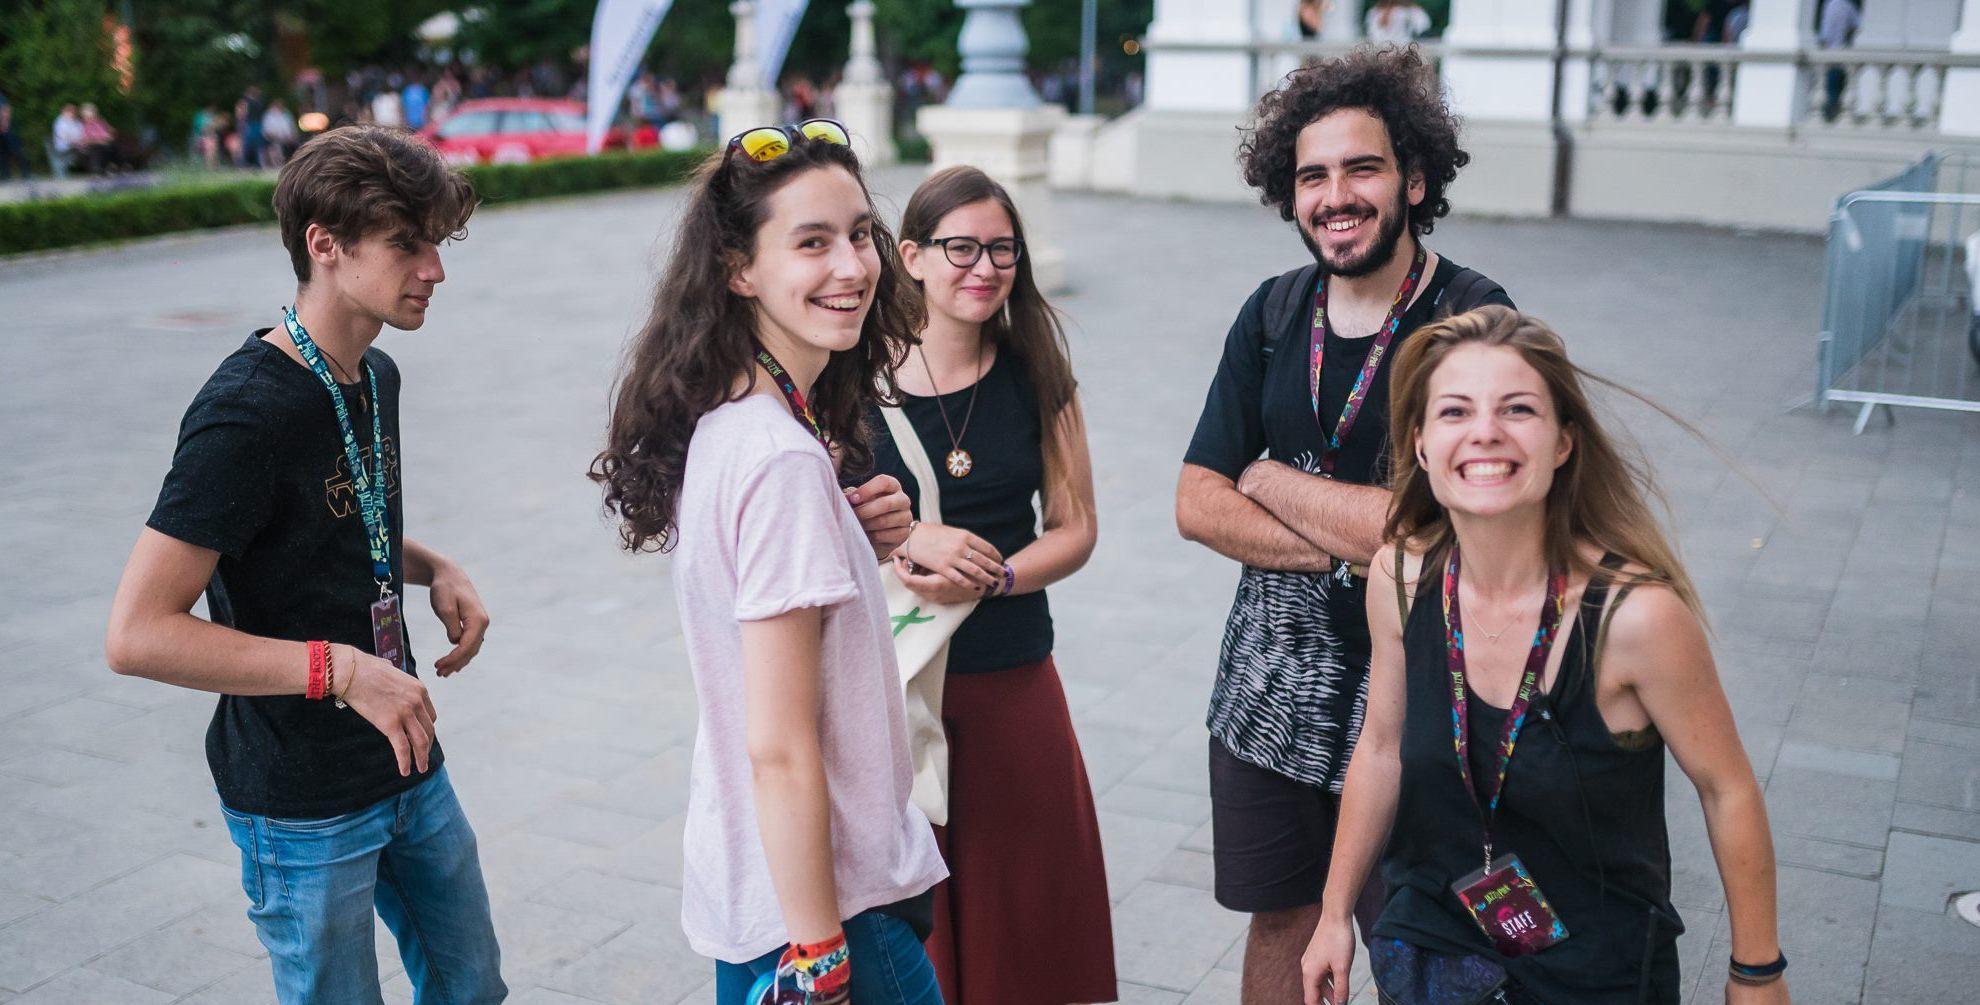 Interviu cu Roxana Tarko despre voluntariat în cadrul Jazz in the Park